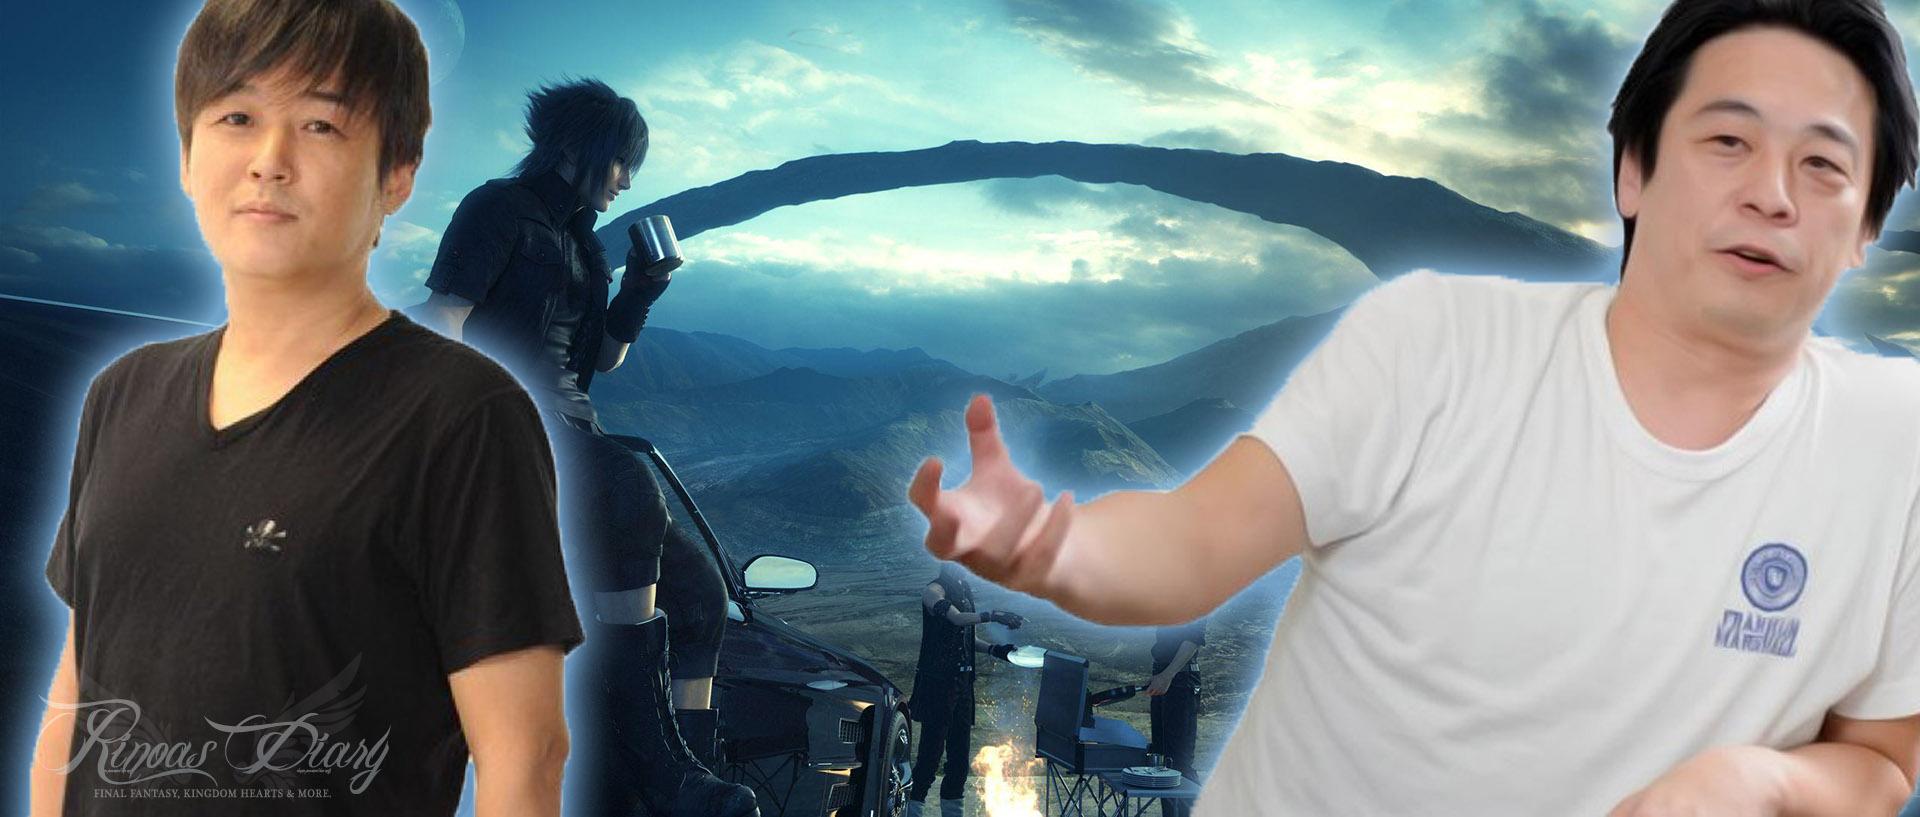 Da Final Fantasy Versus XIII a Final Fantasy XV: il passaggio di testimone da Nomura a Tabata